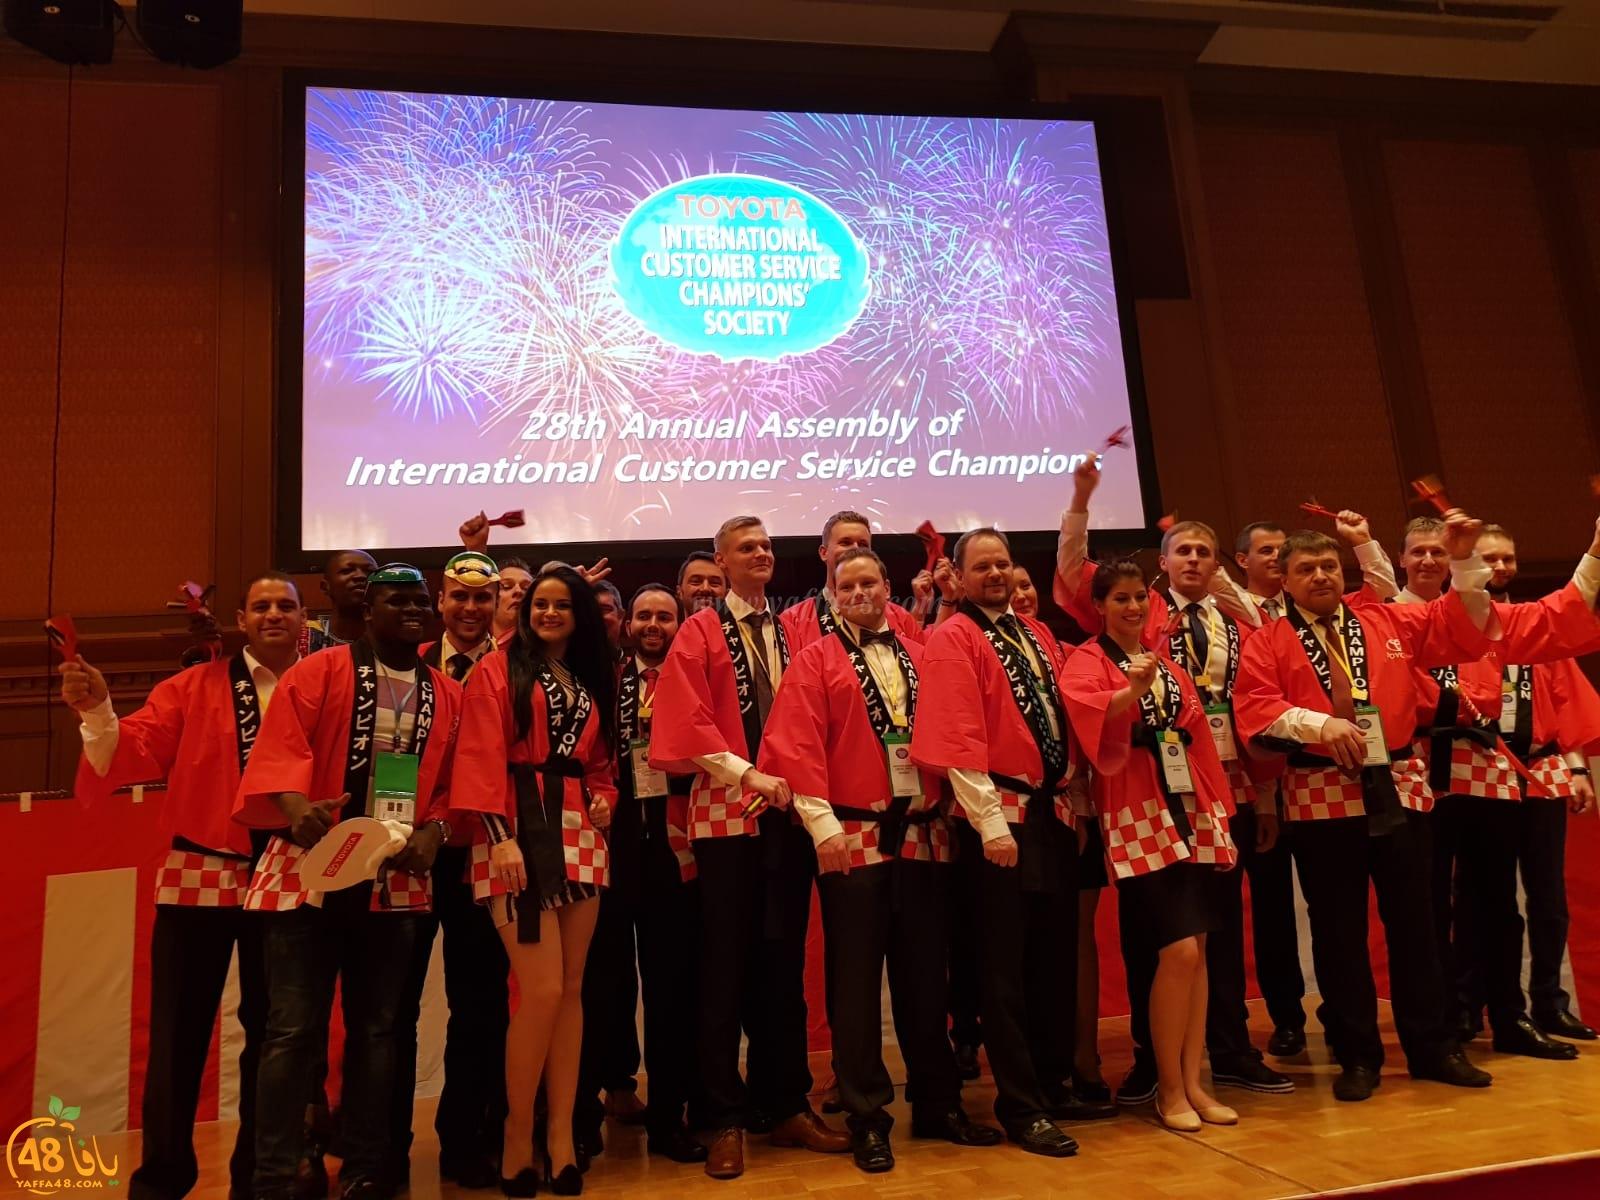 السيد وليد سكسك من يافا يُشارك في مسابقة عالمية لشركة تويوتا في اليابان